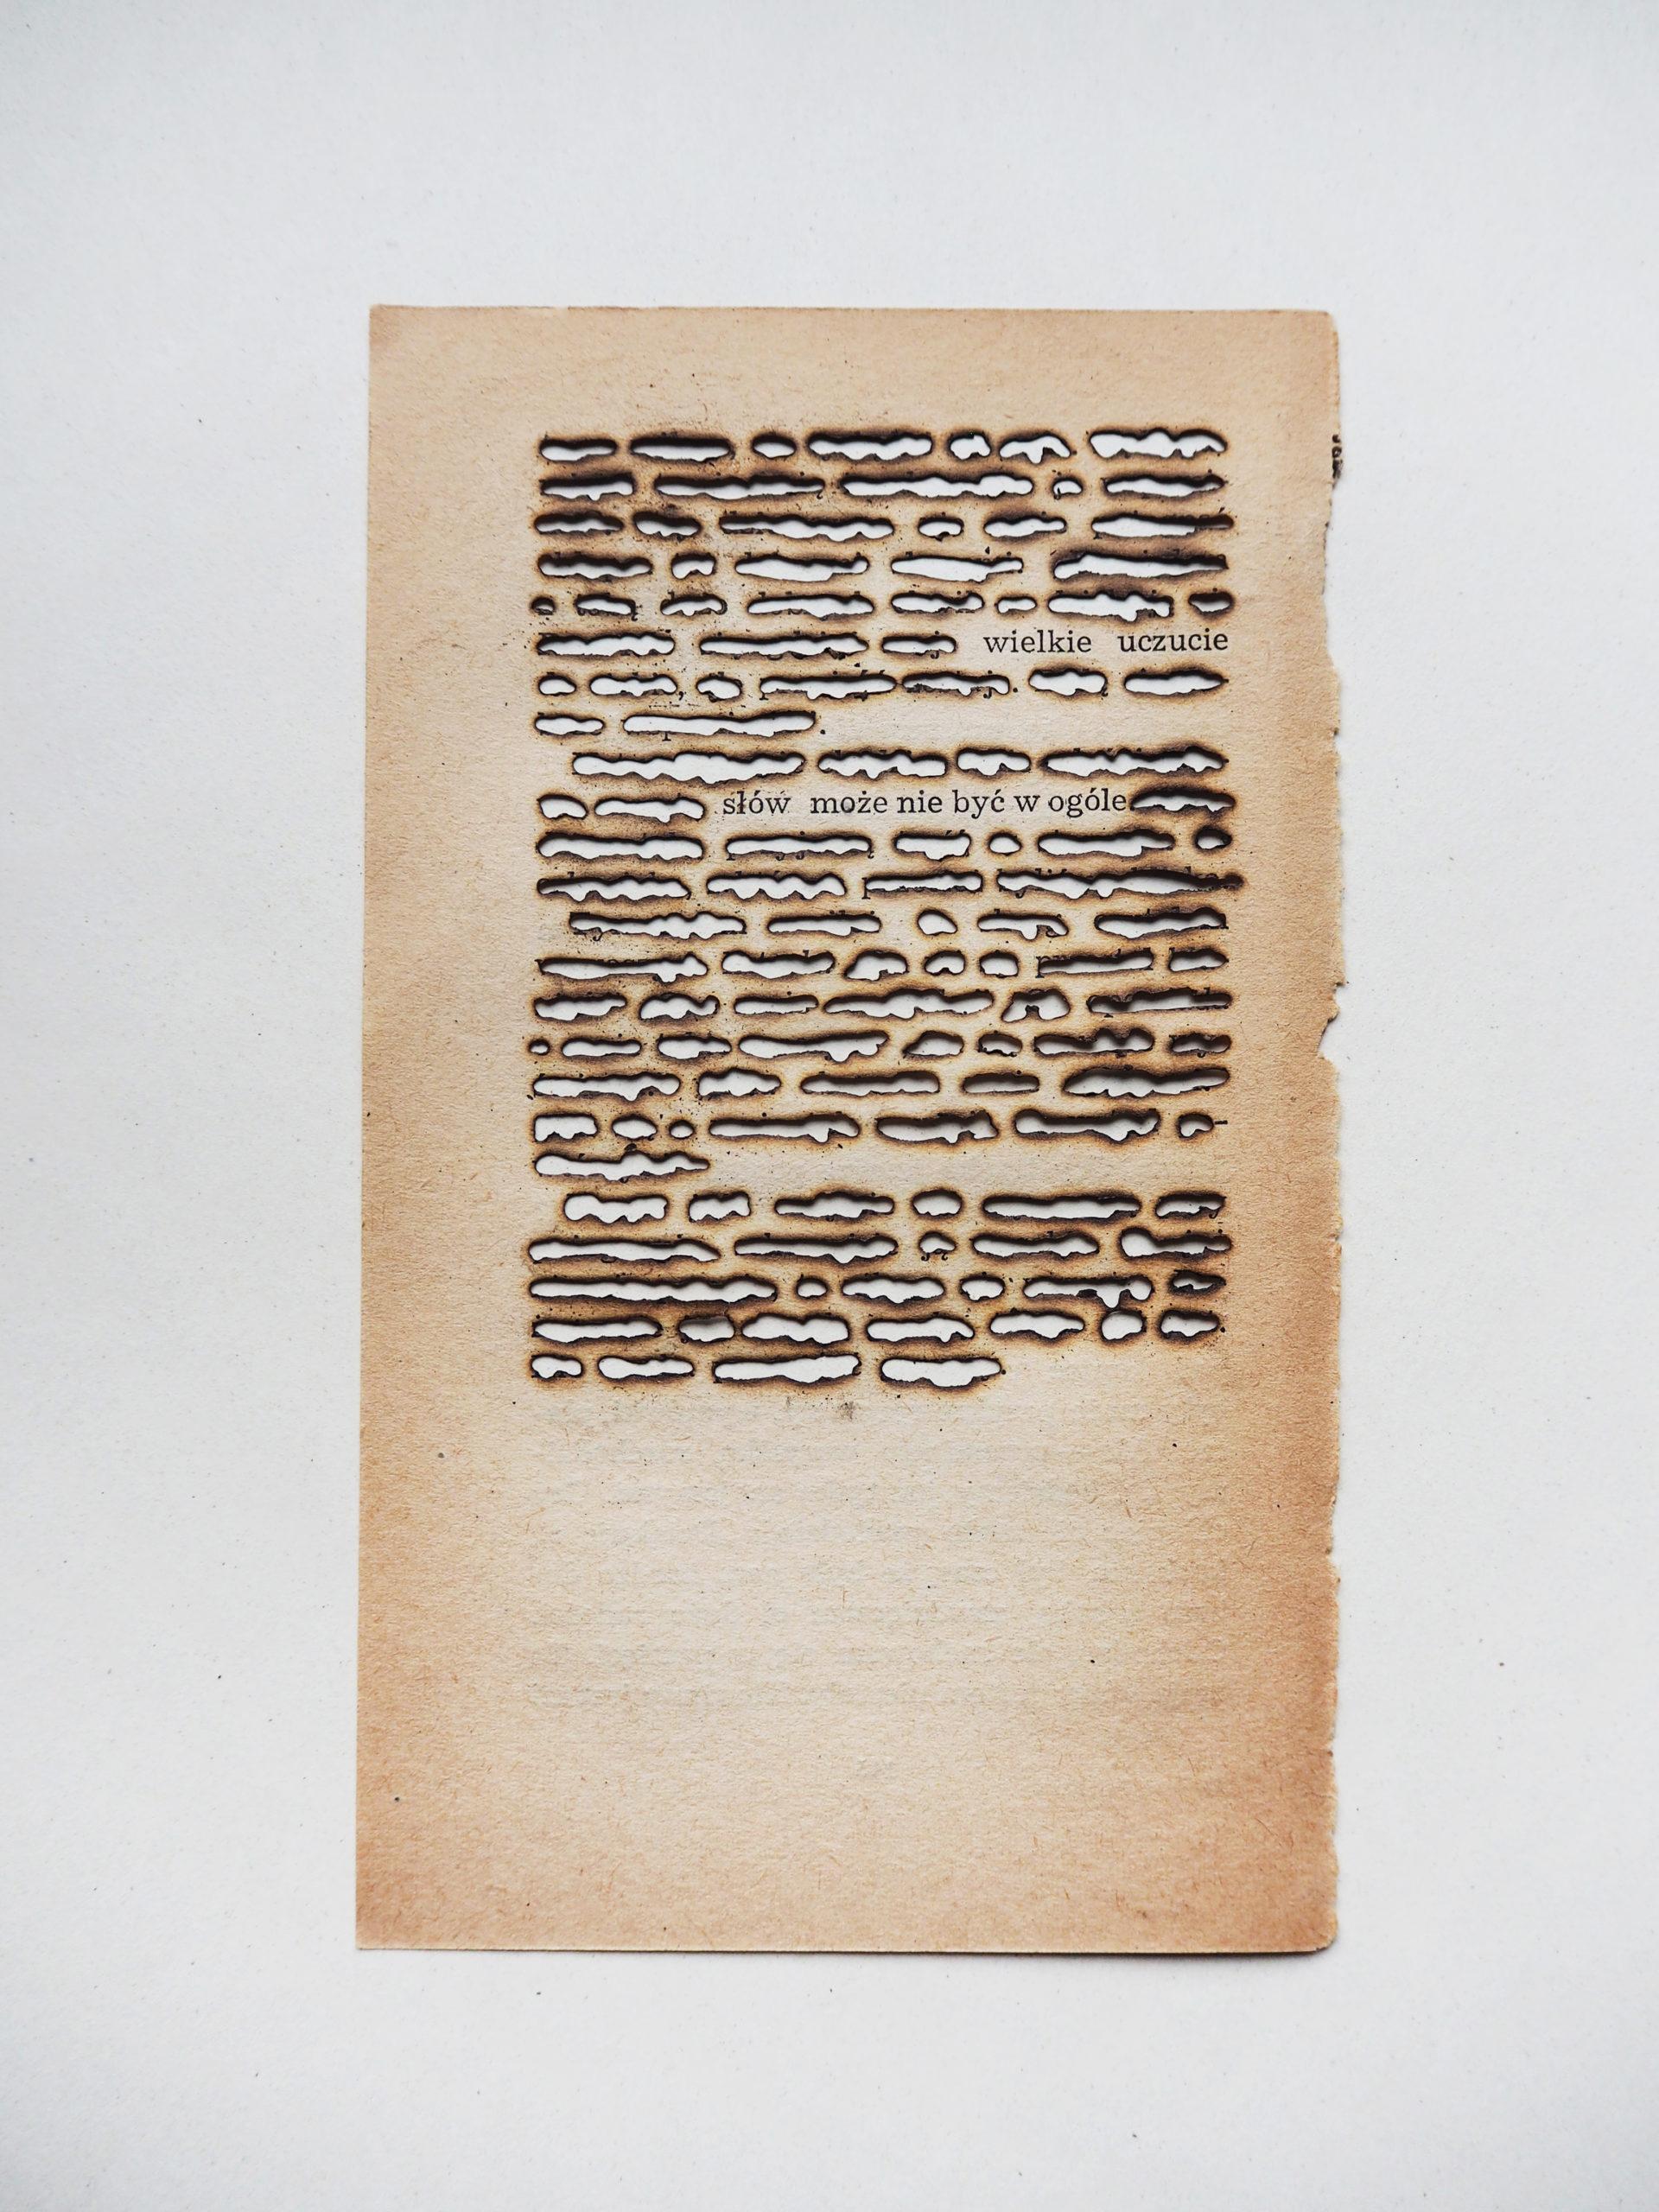 [Transcript: Great affection ___ words can not exist.] Zuzanna Dolega, Pirosłowa: Słów może nie być w ogóle. (Pyrowords: Words can not exist), 2020, © Zuzanna Dolega